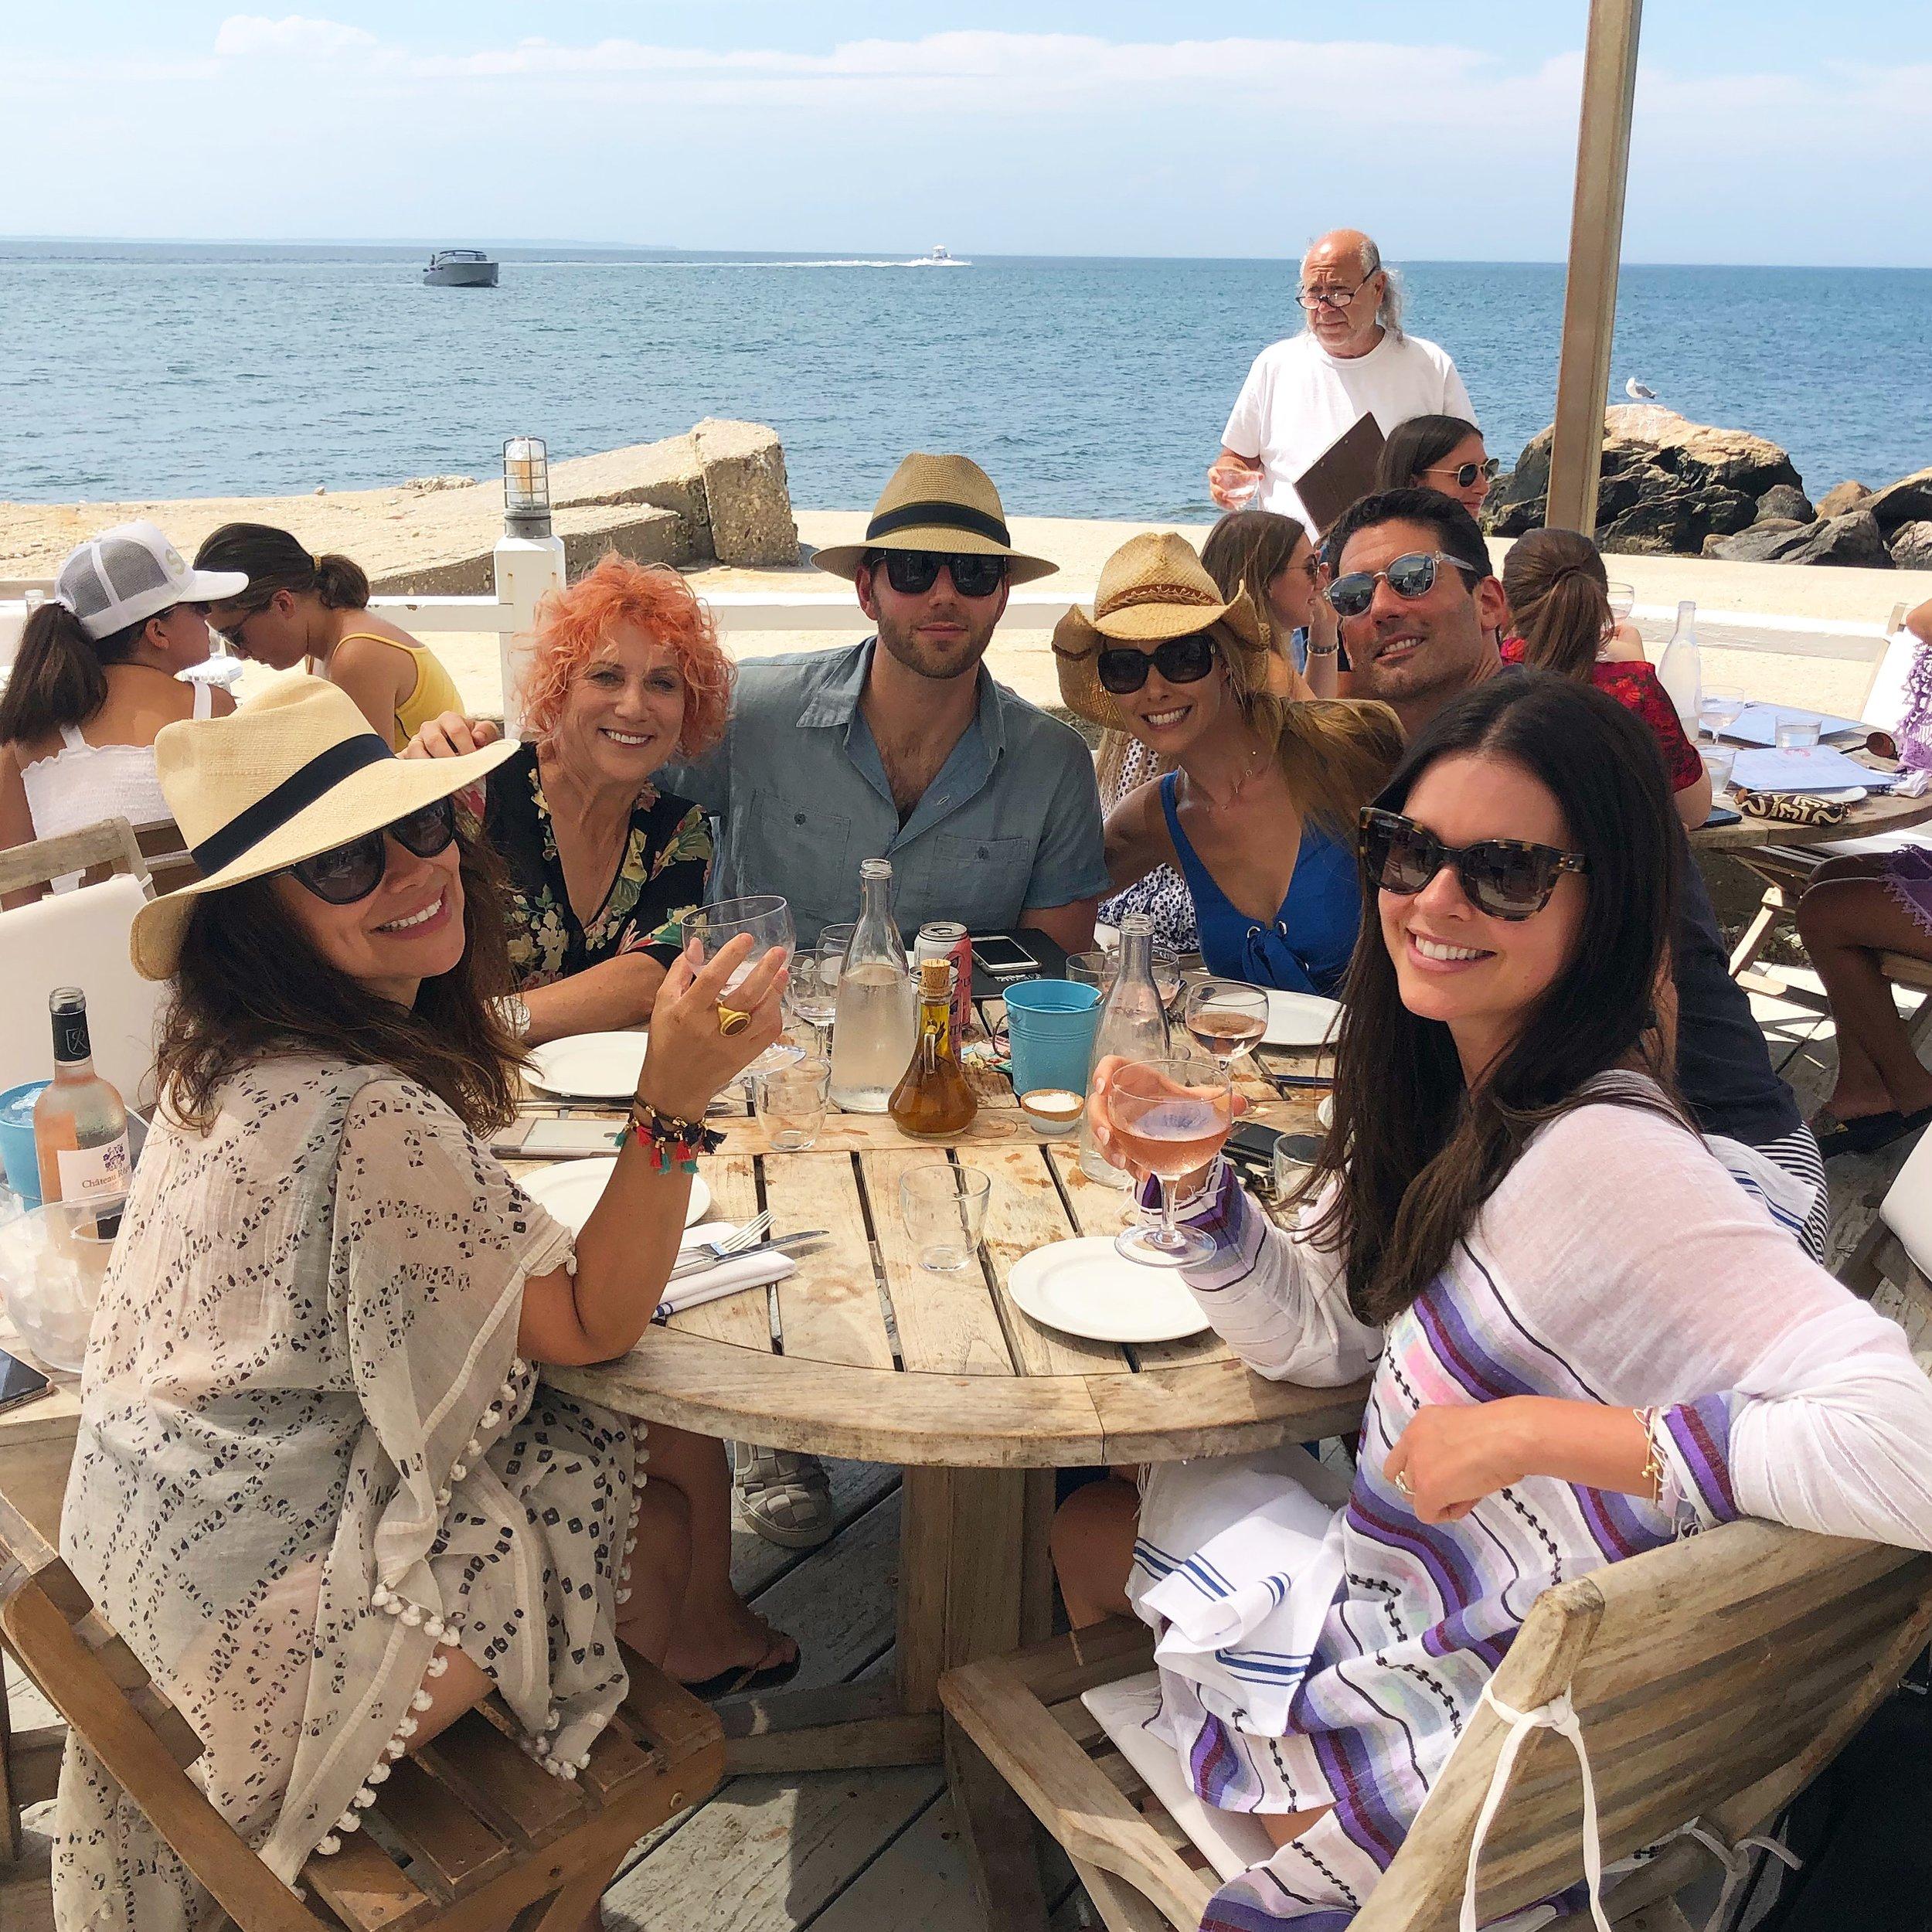 Duryea's with Friends